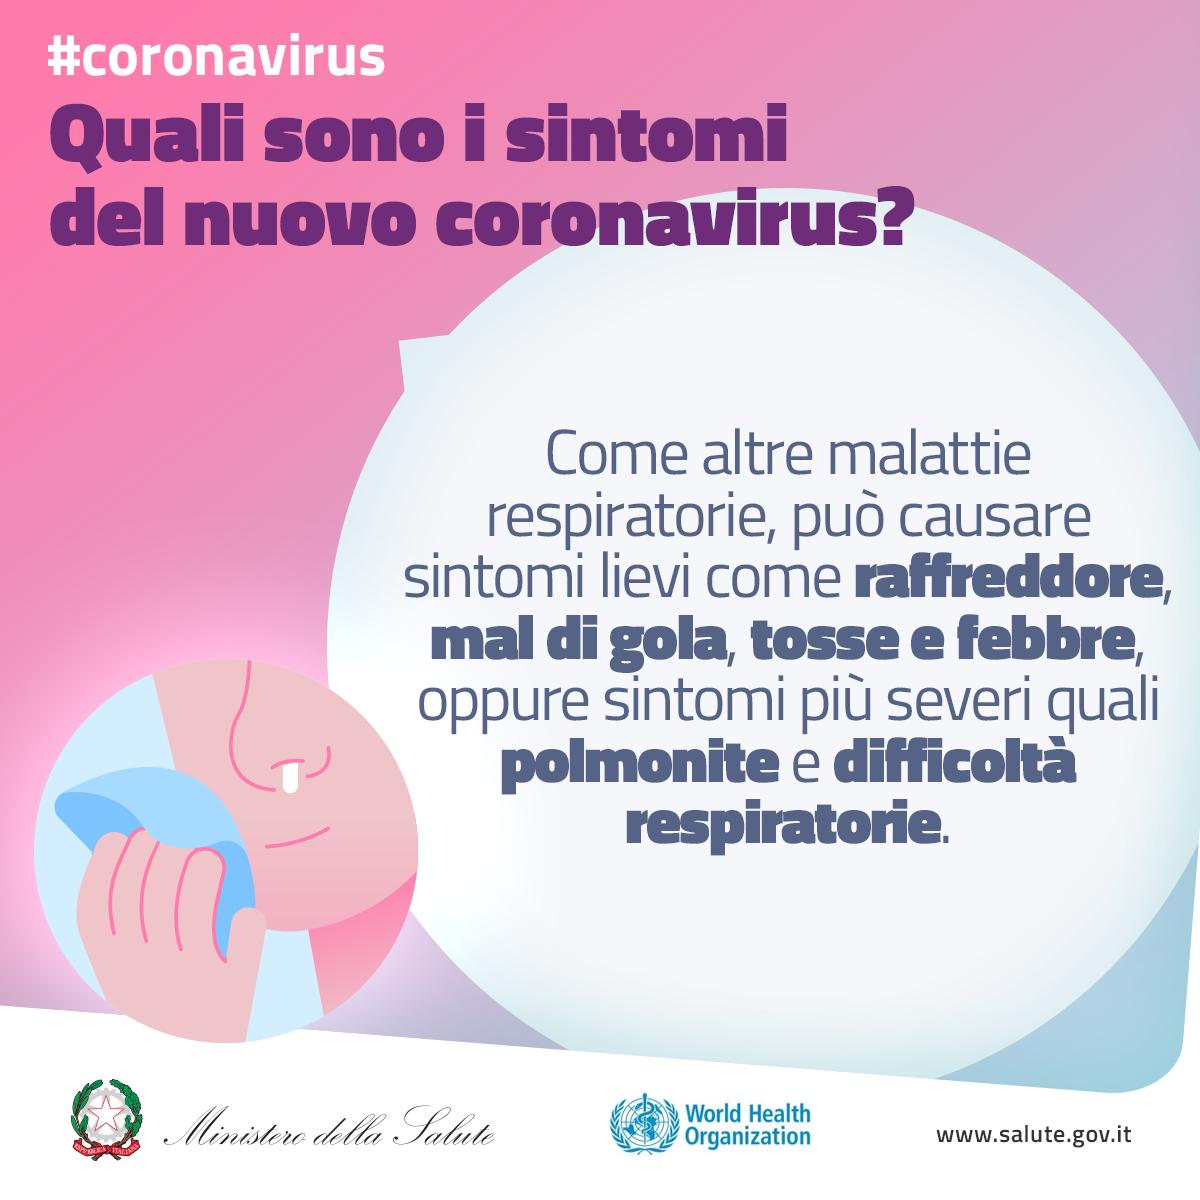 Quali sono i sintomi del nuovo coronavirus